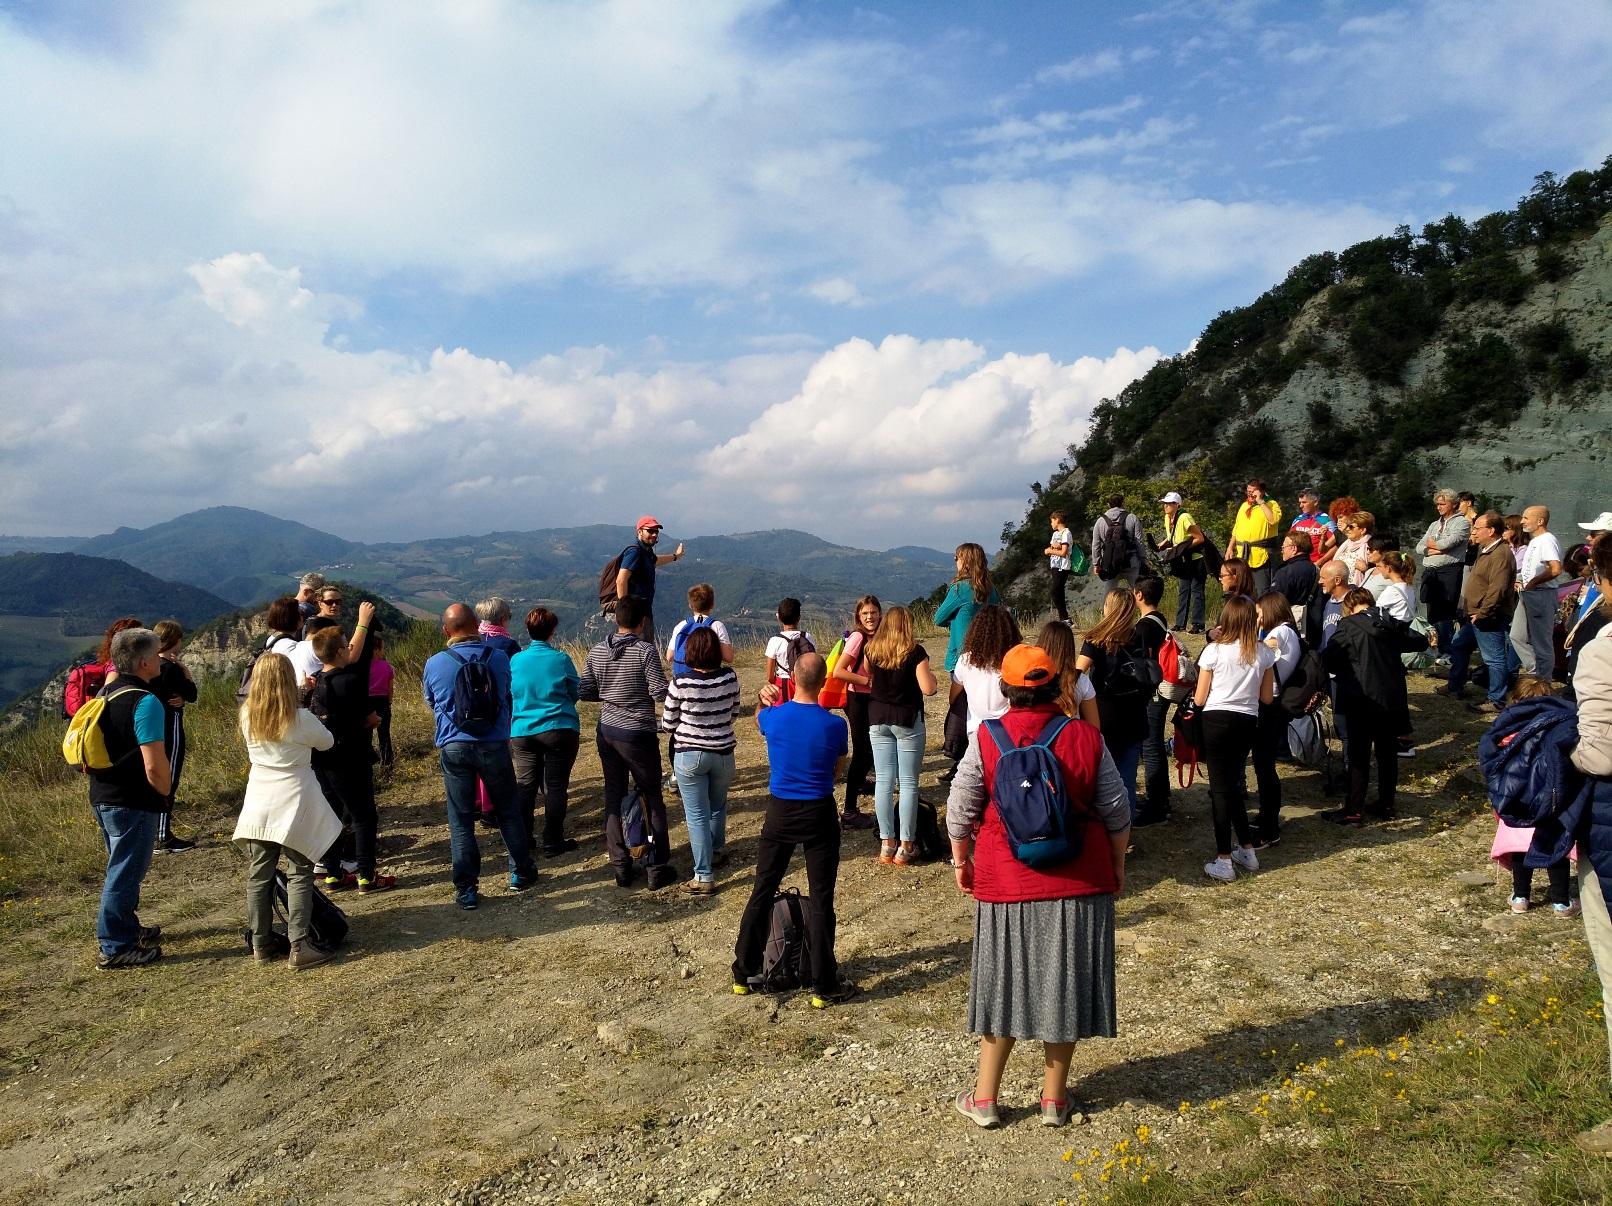 Tappa narrativa sul crinale tra San Martino e Caprara: di fronte al gruppo la valle del Reno - trekking sulla strage di Marzabotto